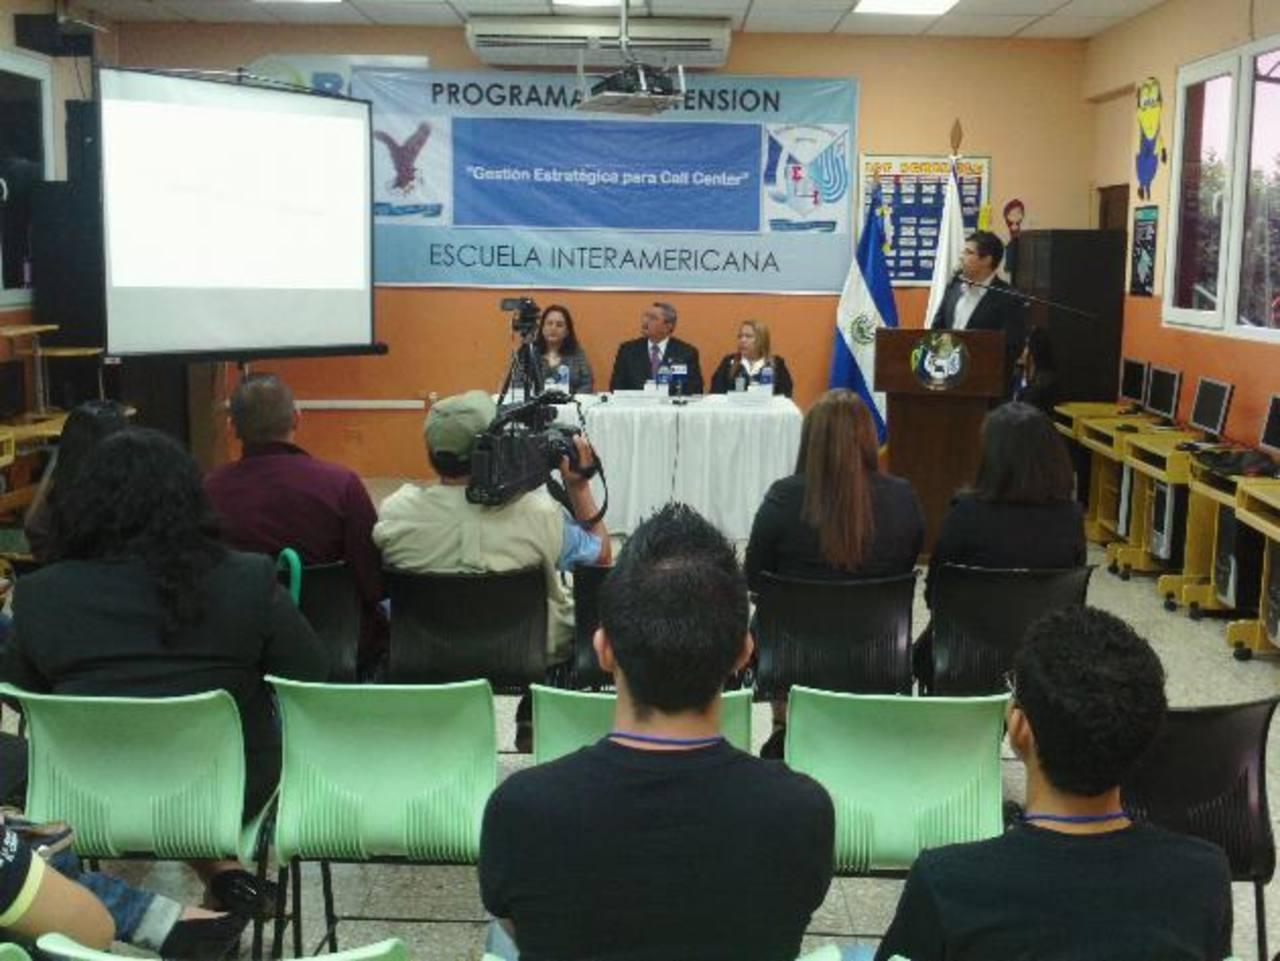 Para solicitar mayor información sobre este diplomado, pueden llamar al 2445-6004. Foto EDH / MAURICIO GUEVARA